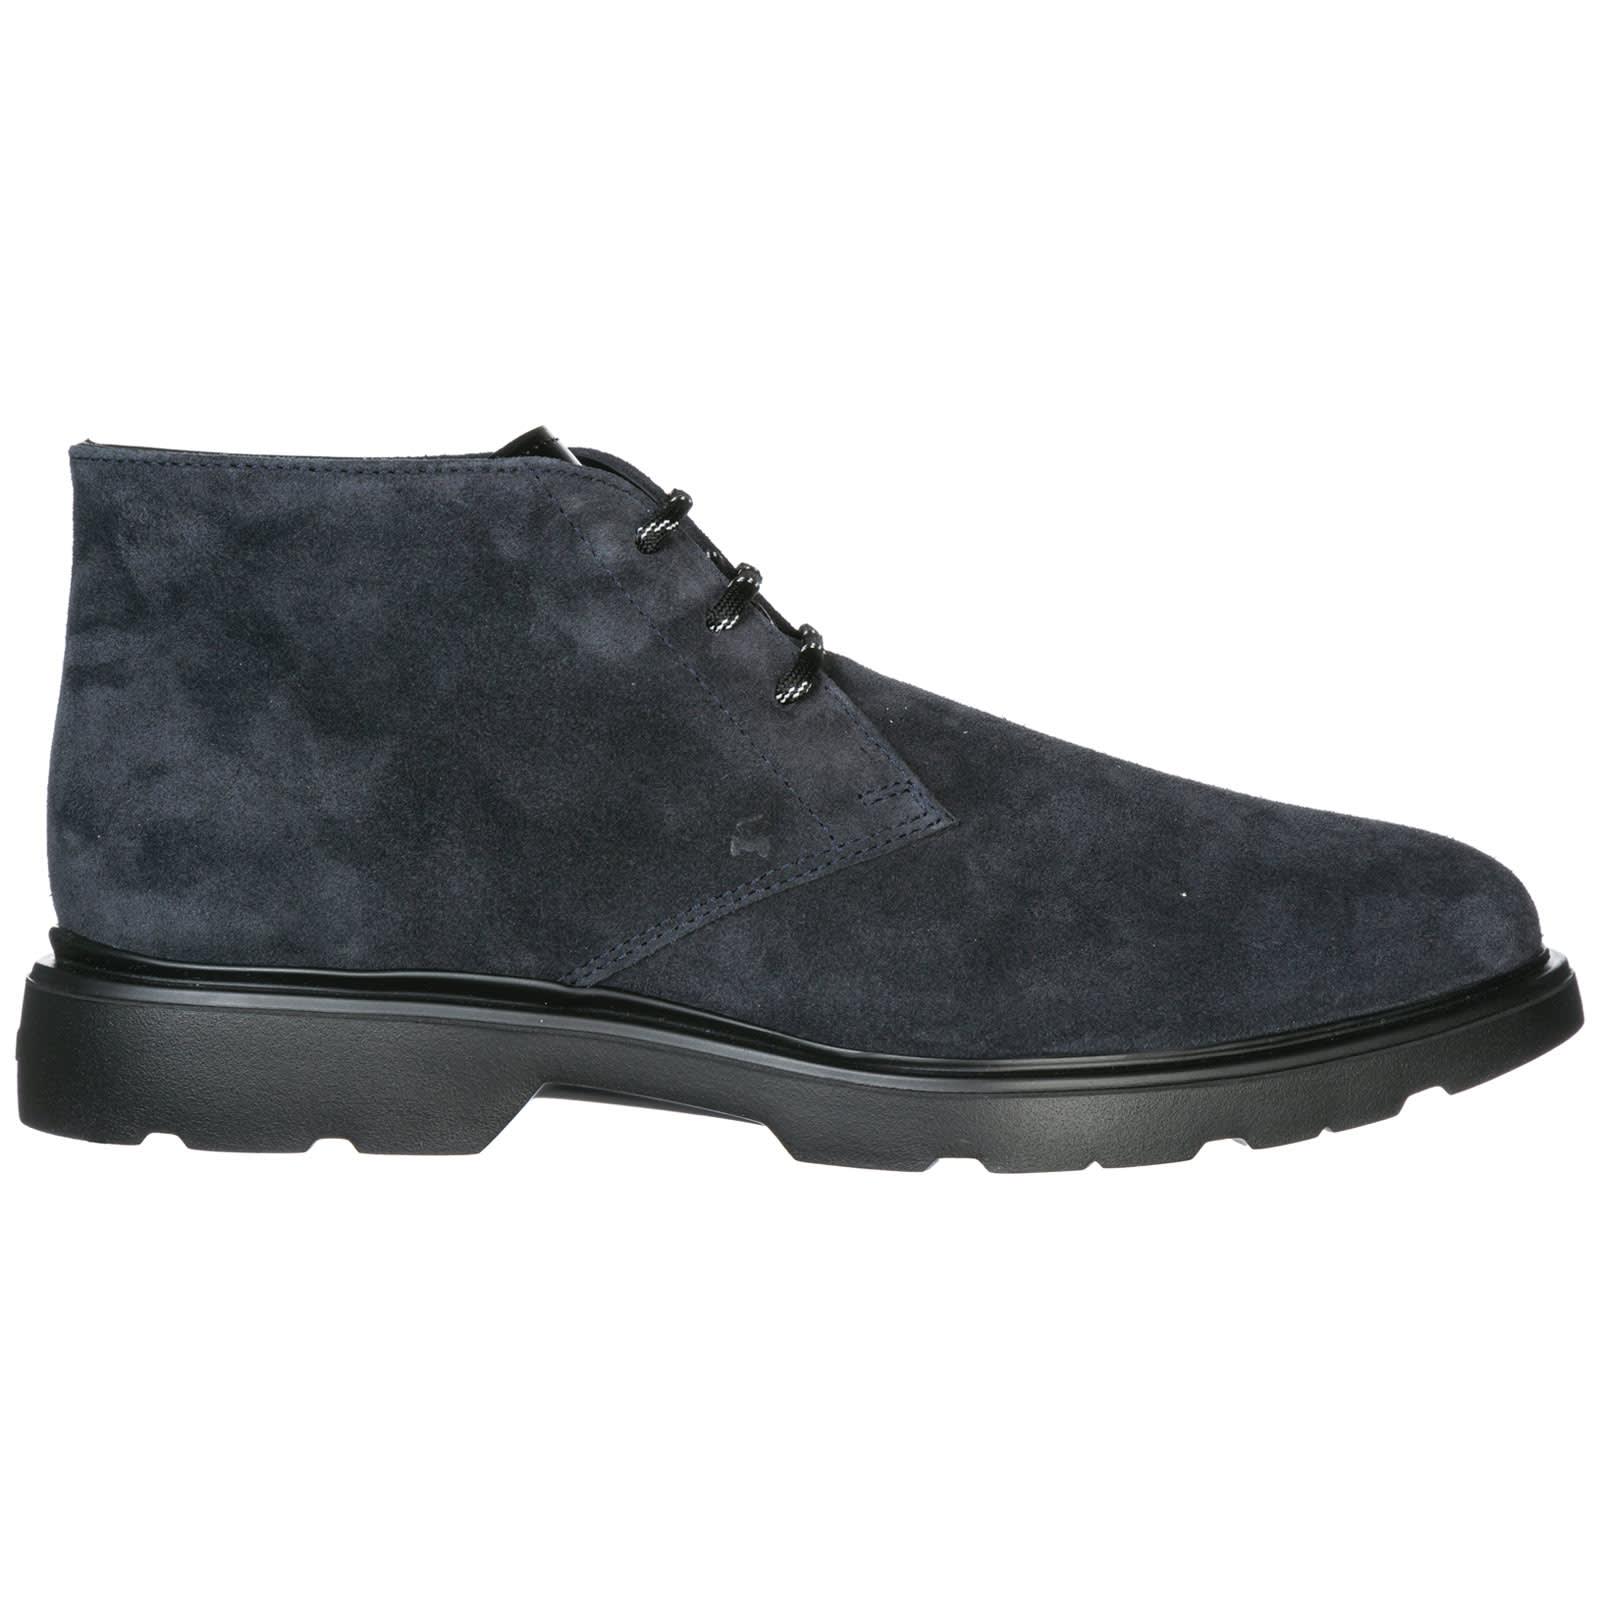 Hogan H304 Desert Boots